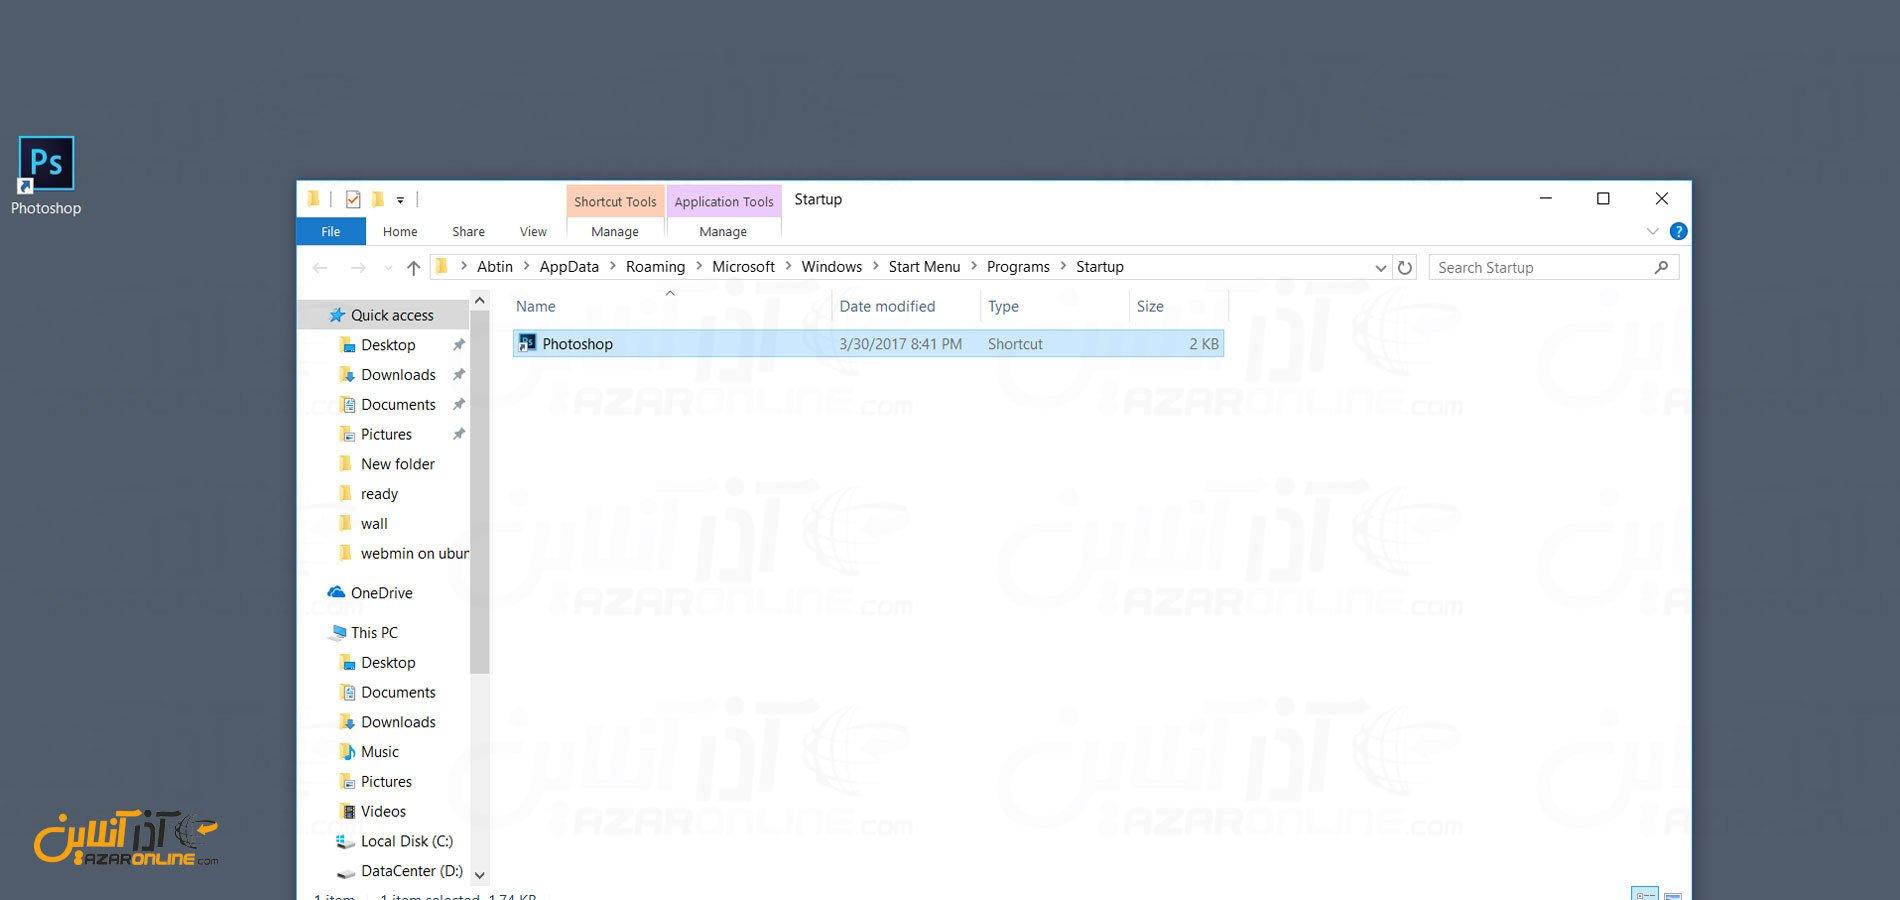 چگونگی افزودن فایل و پوشه به startup - Paste کردن برنامه مورد نظر